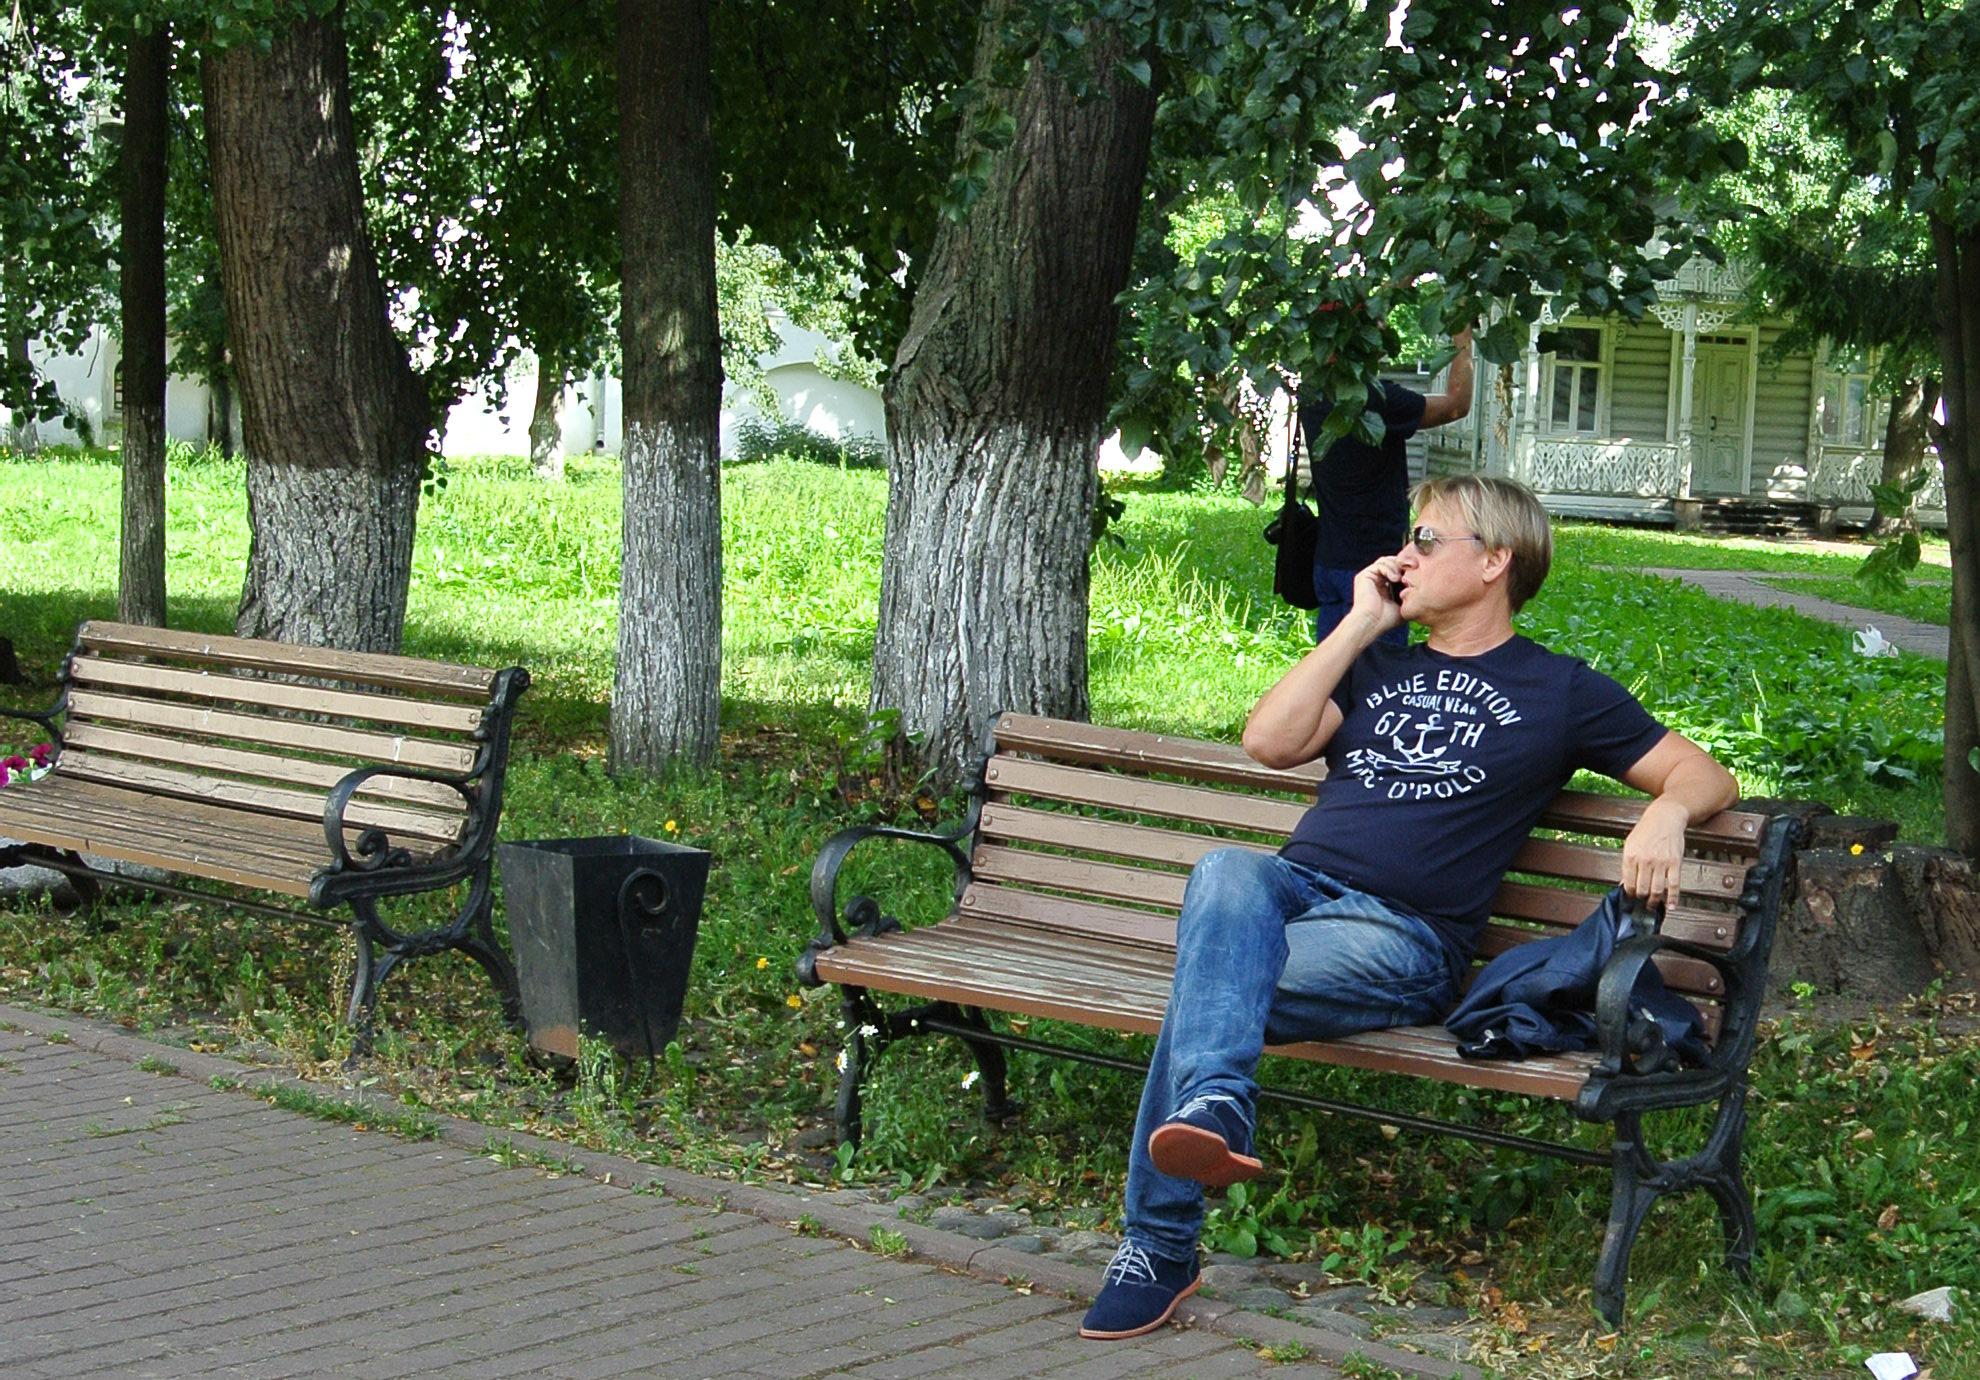 Дмитрий Харатьян приехал в Вологду, чтобы представить фильм о Форте-Росс